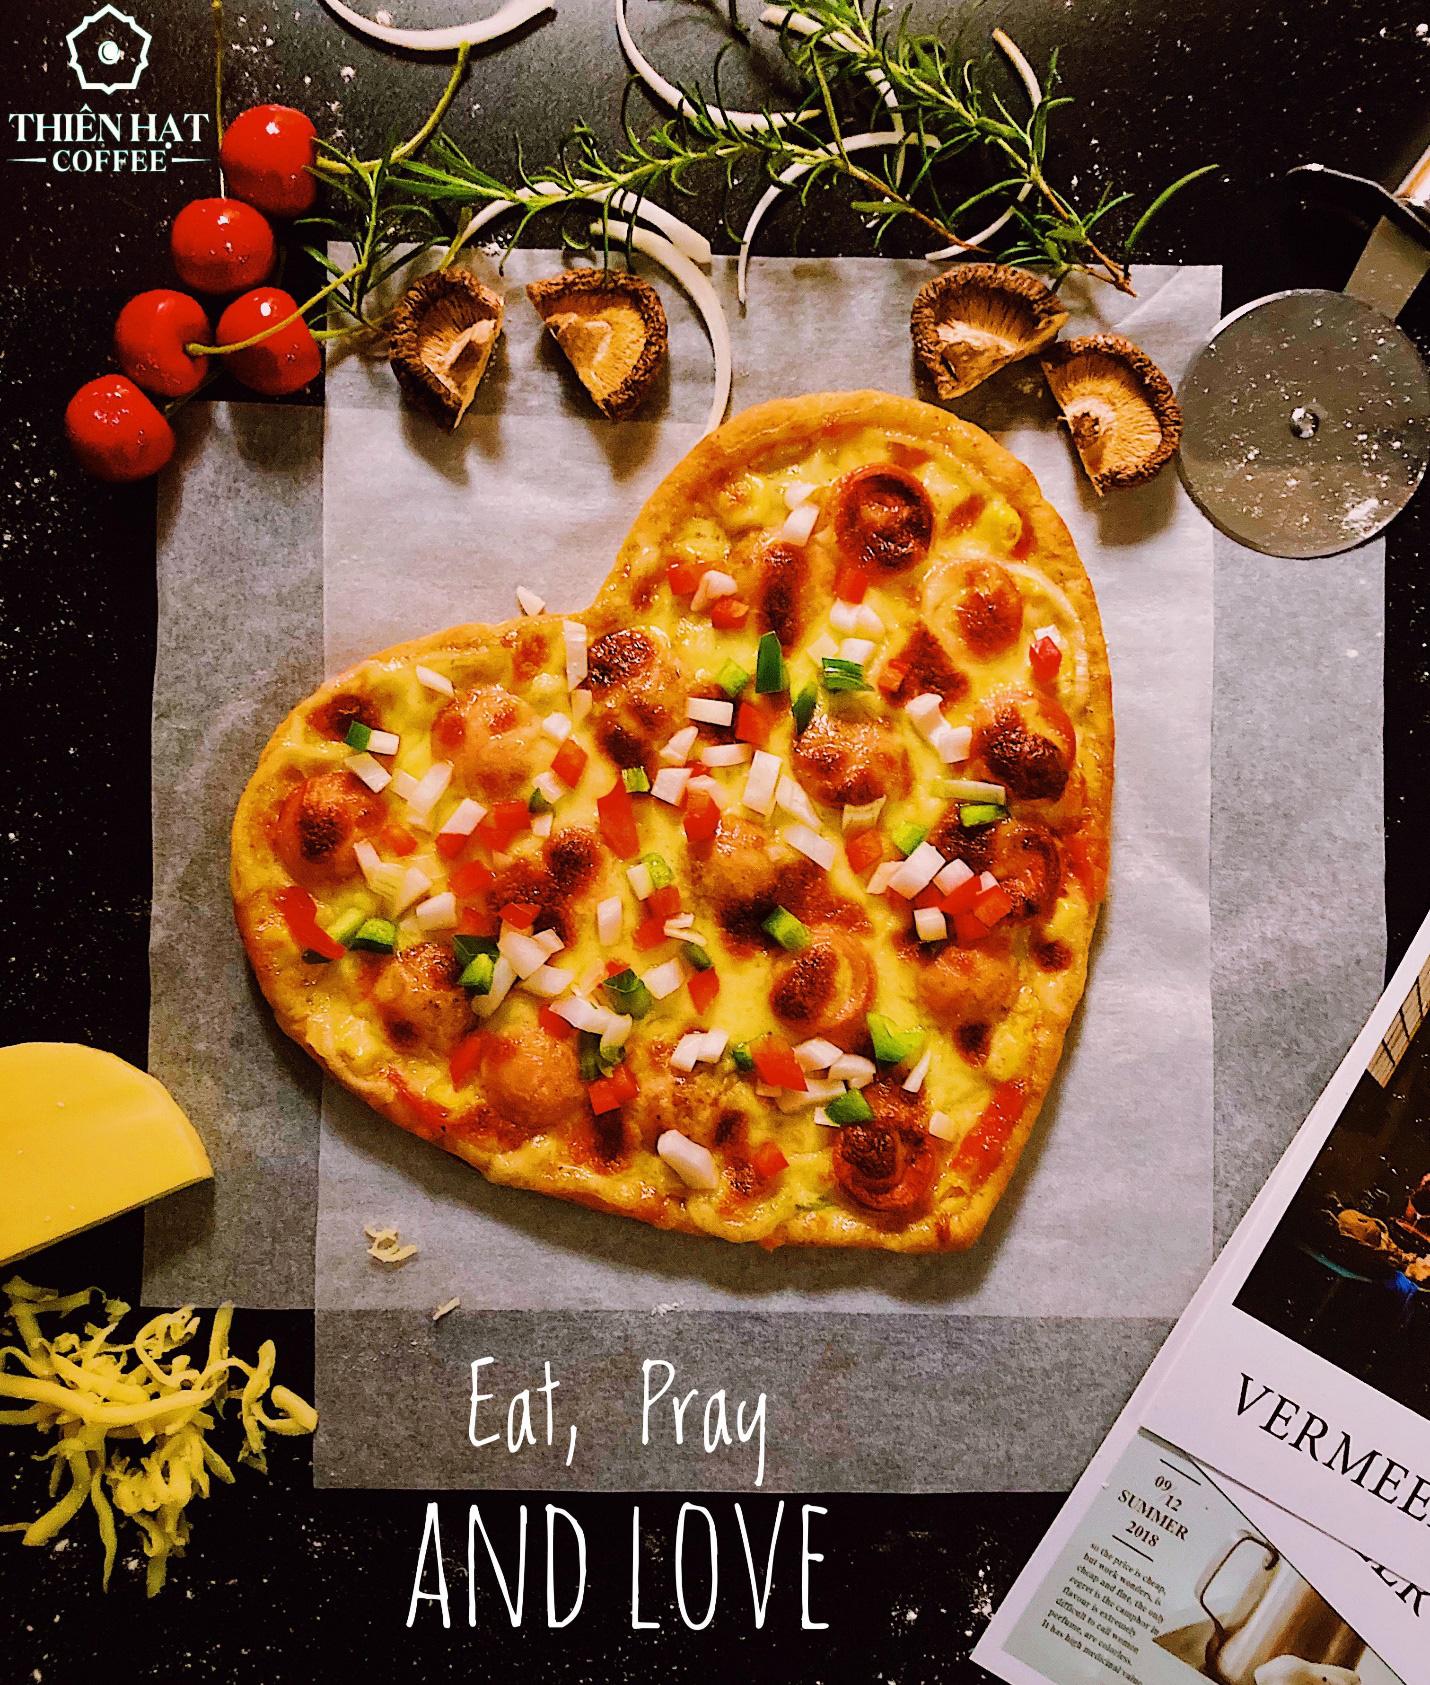 Quá sức độc đáo với bánh pizza hình trái tim và ngôi sao tại Thiên Hạt Coffee, đẹp khiến không nỡ ăn - Ảnh 2.